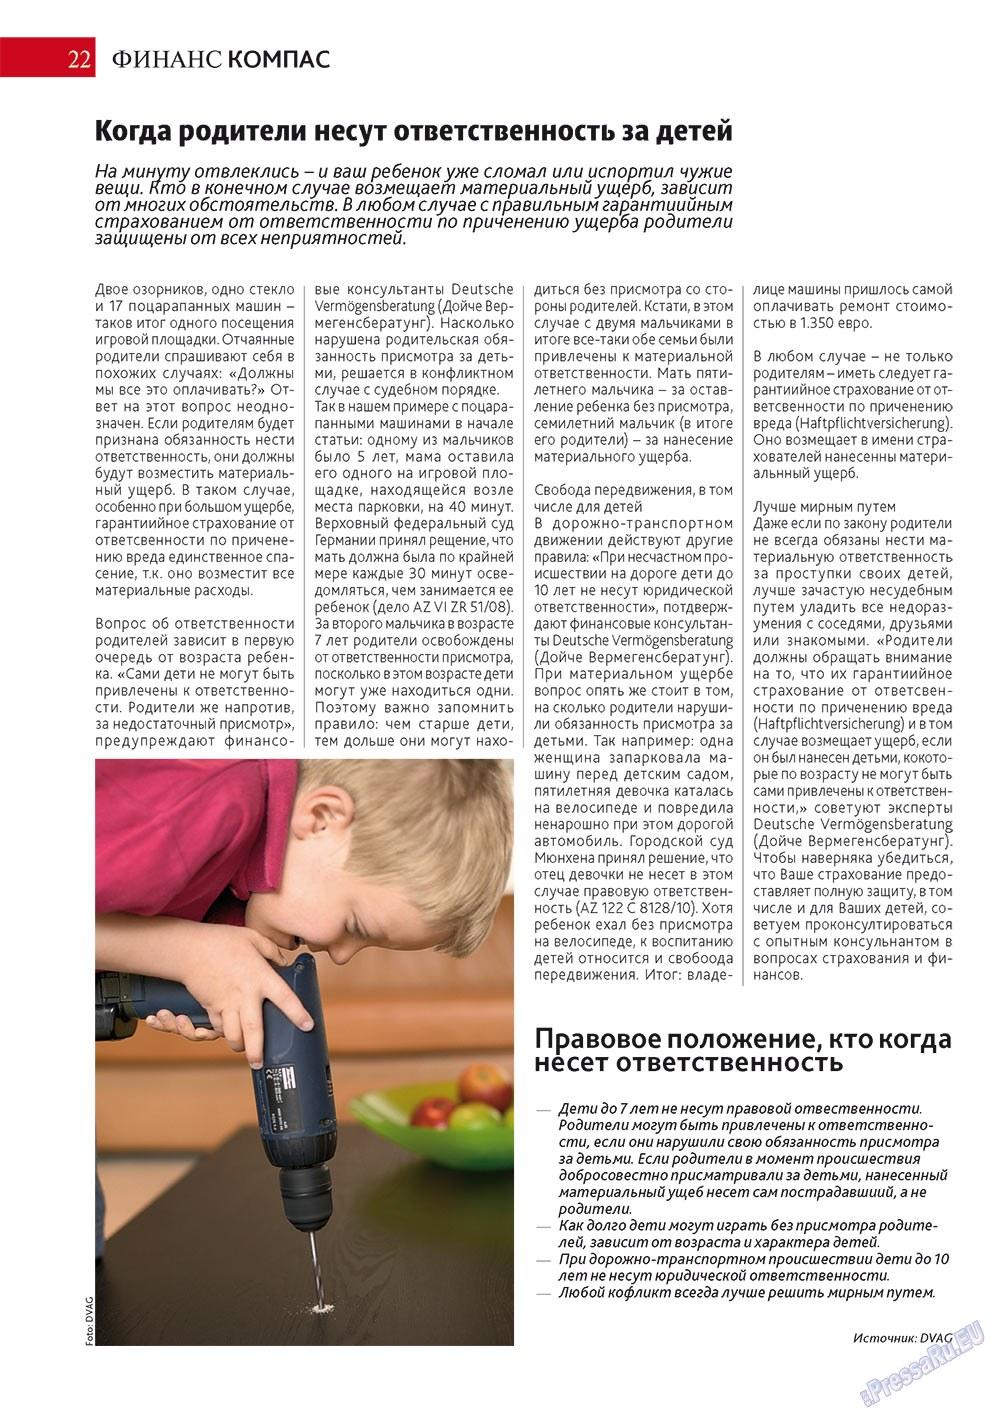 Афиша Augsburg (журнал). 2012 год, номер 6, стр. 22